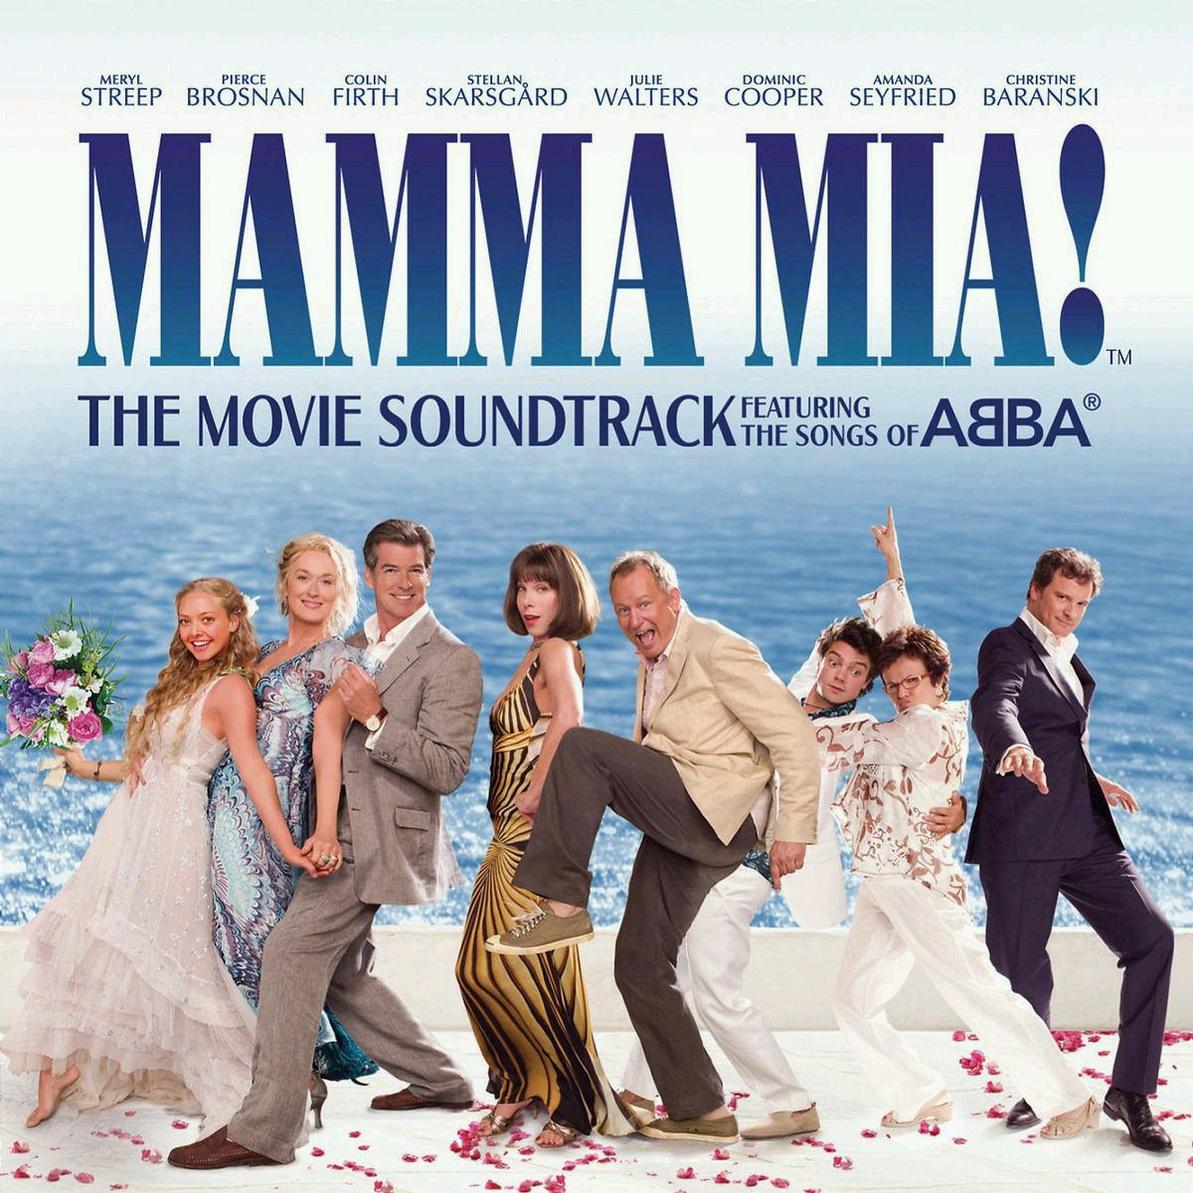 Mamma Mia! [Soundtrack]